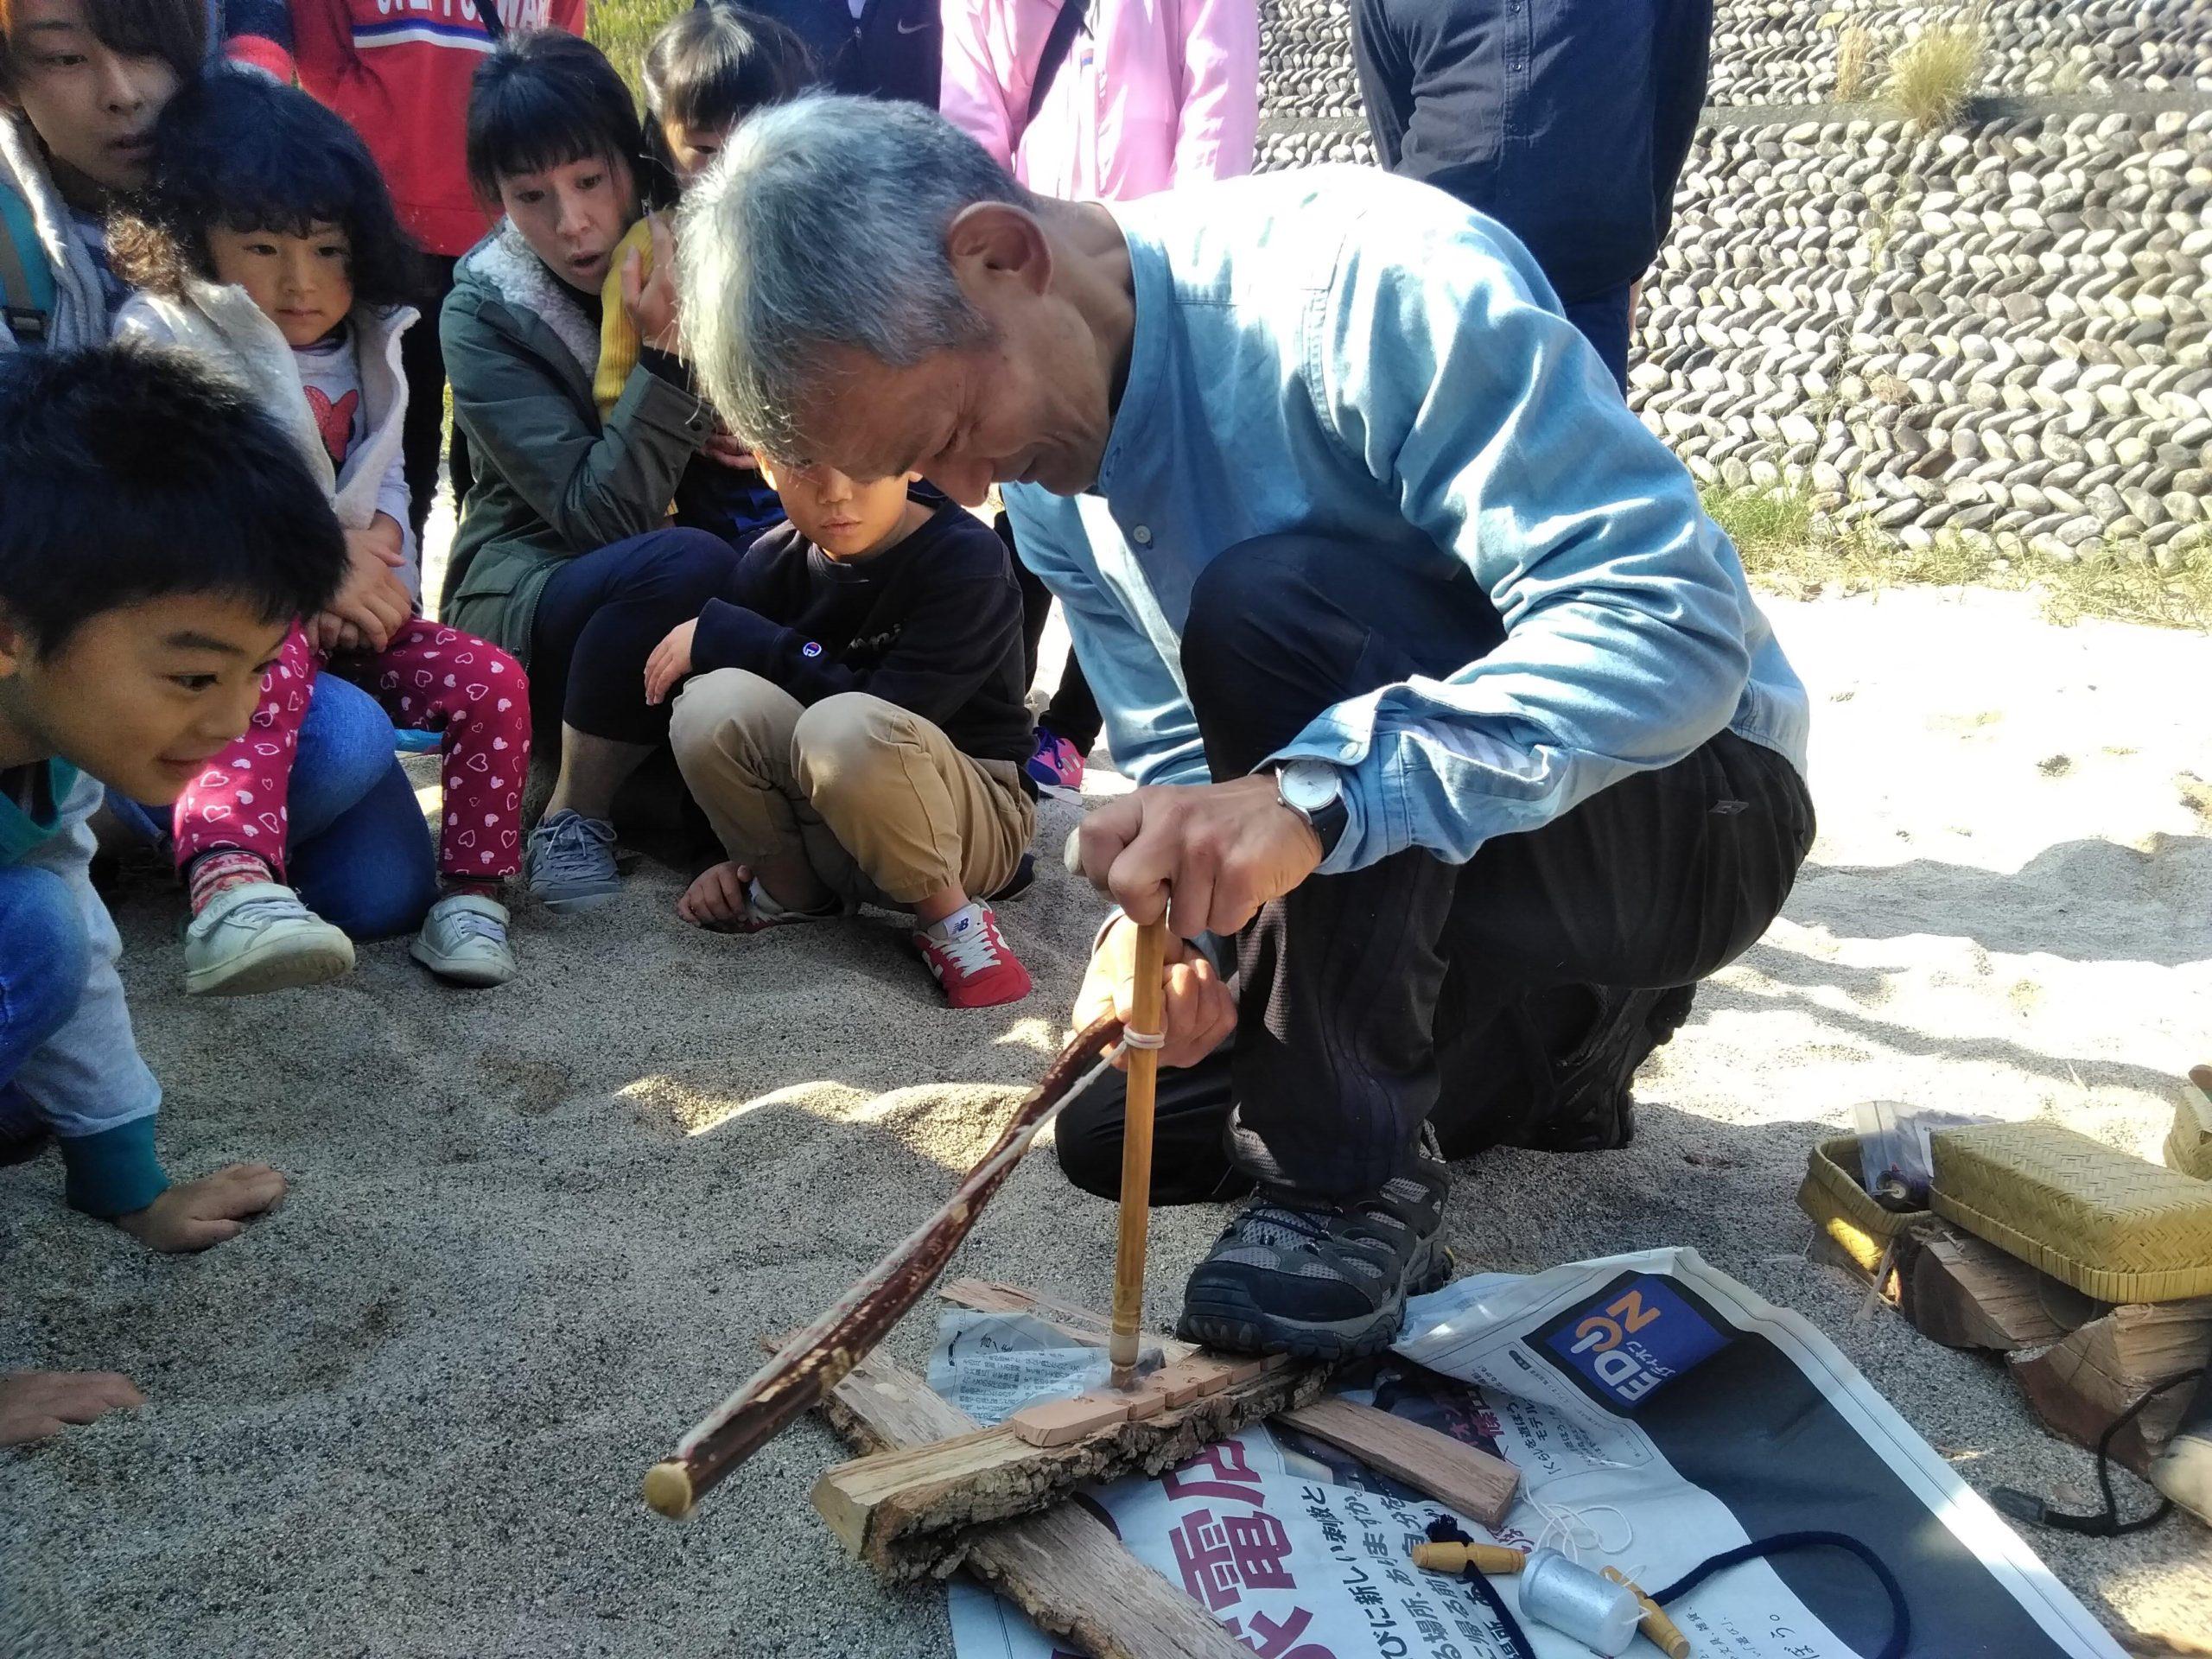 第7回 芋煮会inひろしま  〜関根秀樹先生の〝原始力〟ワークショップ〜